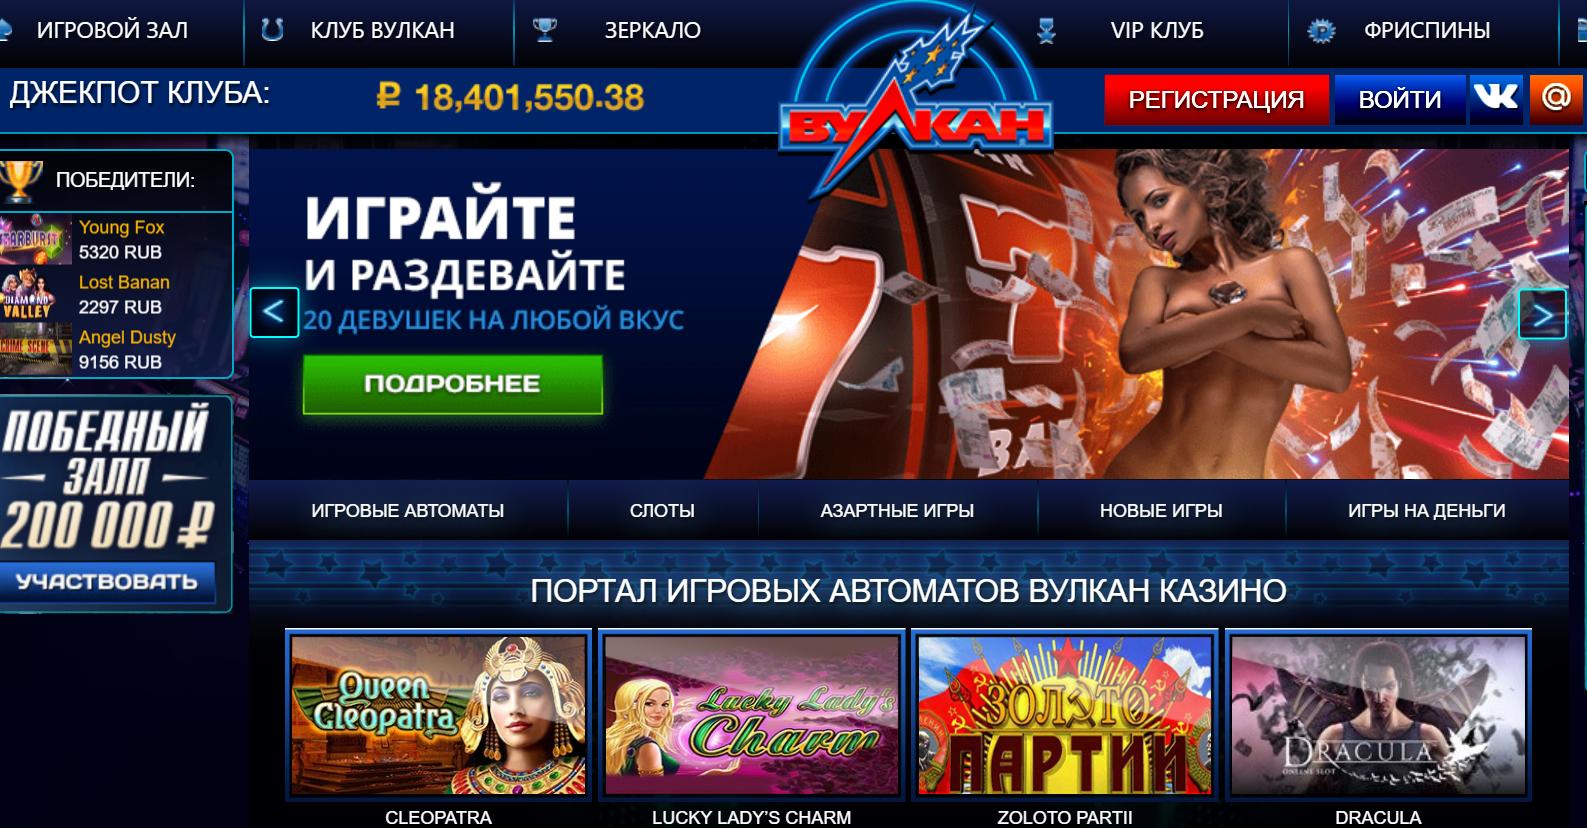 Получи свой джек-пот на сайте онлайн-казино Вулкан